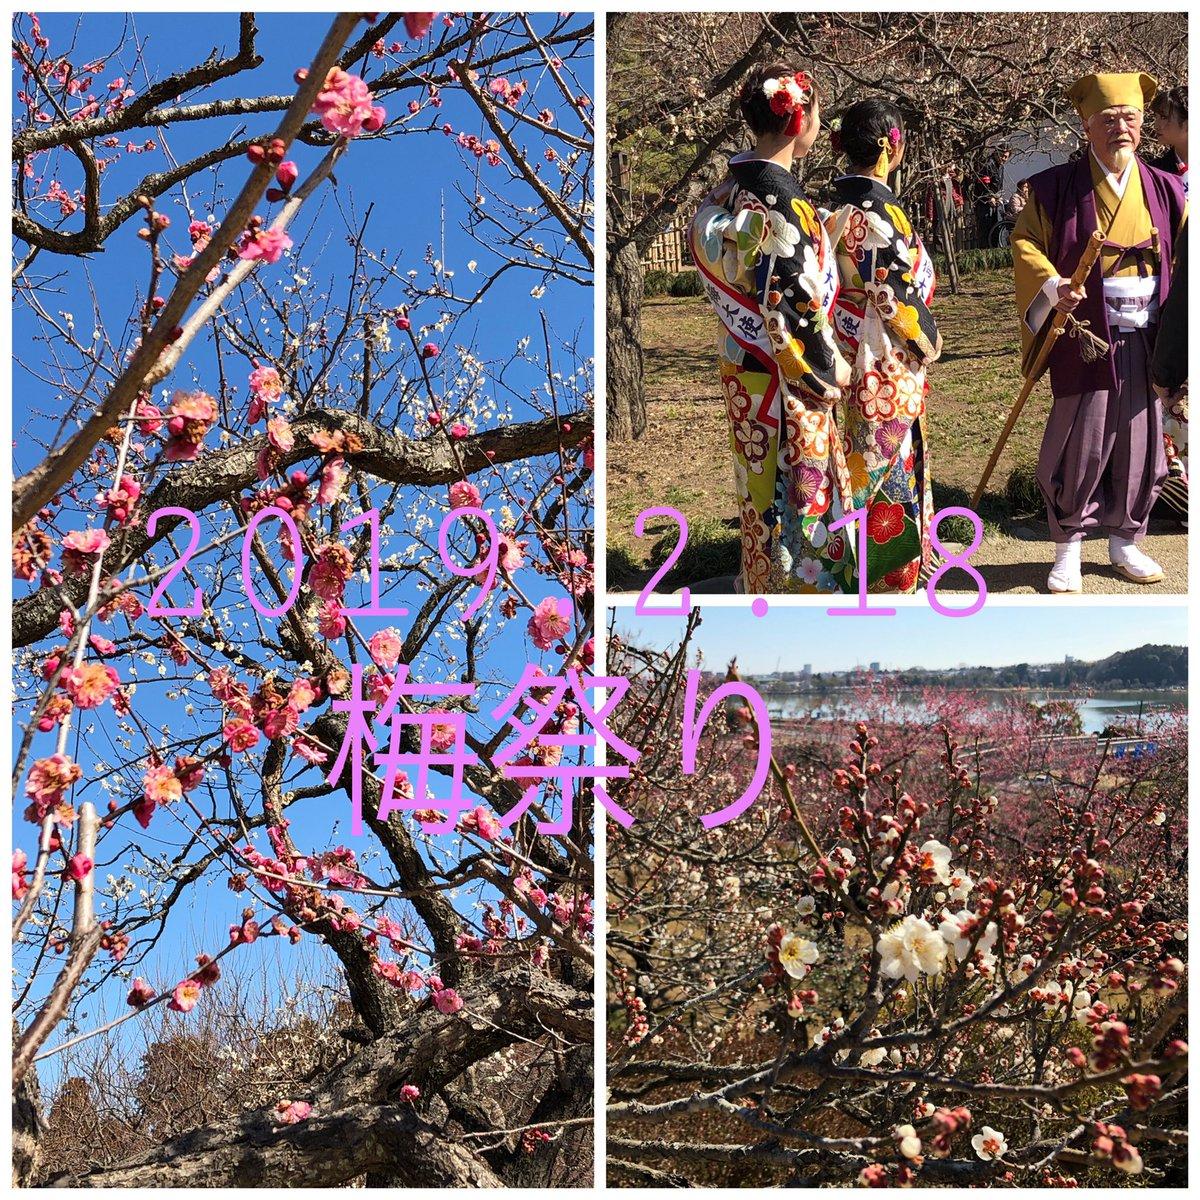 test ツイッターメディア - 昨日は、天気が良いので水戸の偕楽園梅祭りへ行って来ました。 まだ、南側だけが咲いていて、全体が満開になるのは、3月上旬頃みたいですが、沢山の見物人が来てました。水戸黄門様もいました。 今日は、ひたすら寝て過ごしてます。 https://t.co/wR4UZ9F1aK